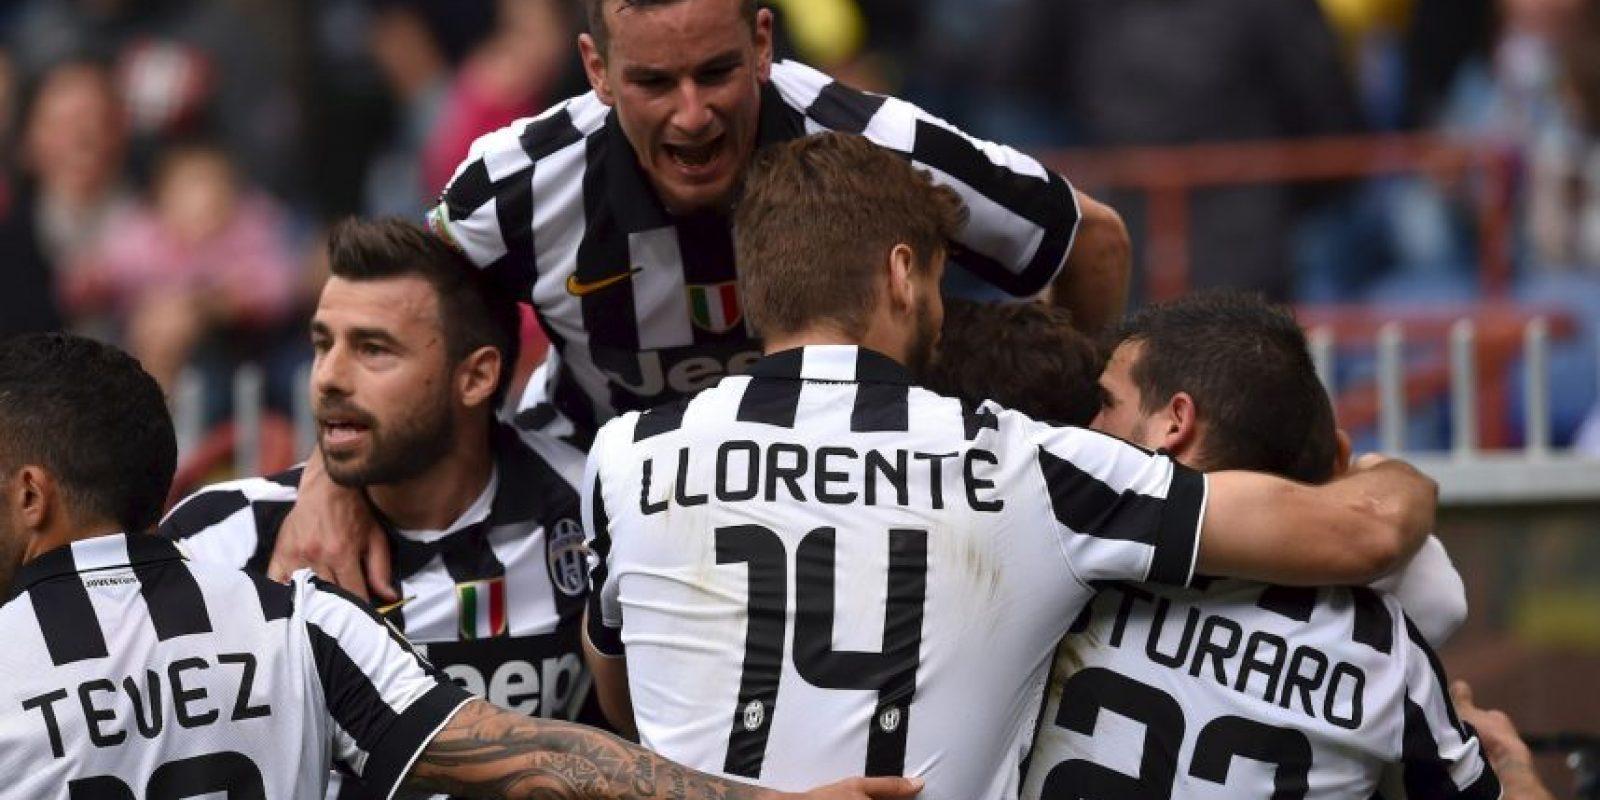 Es campeón de la temporada 2014-2015 de la Serie A varias semanas antes de que la Liga termine. Foto:Getty Images